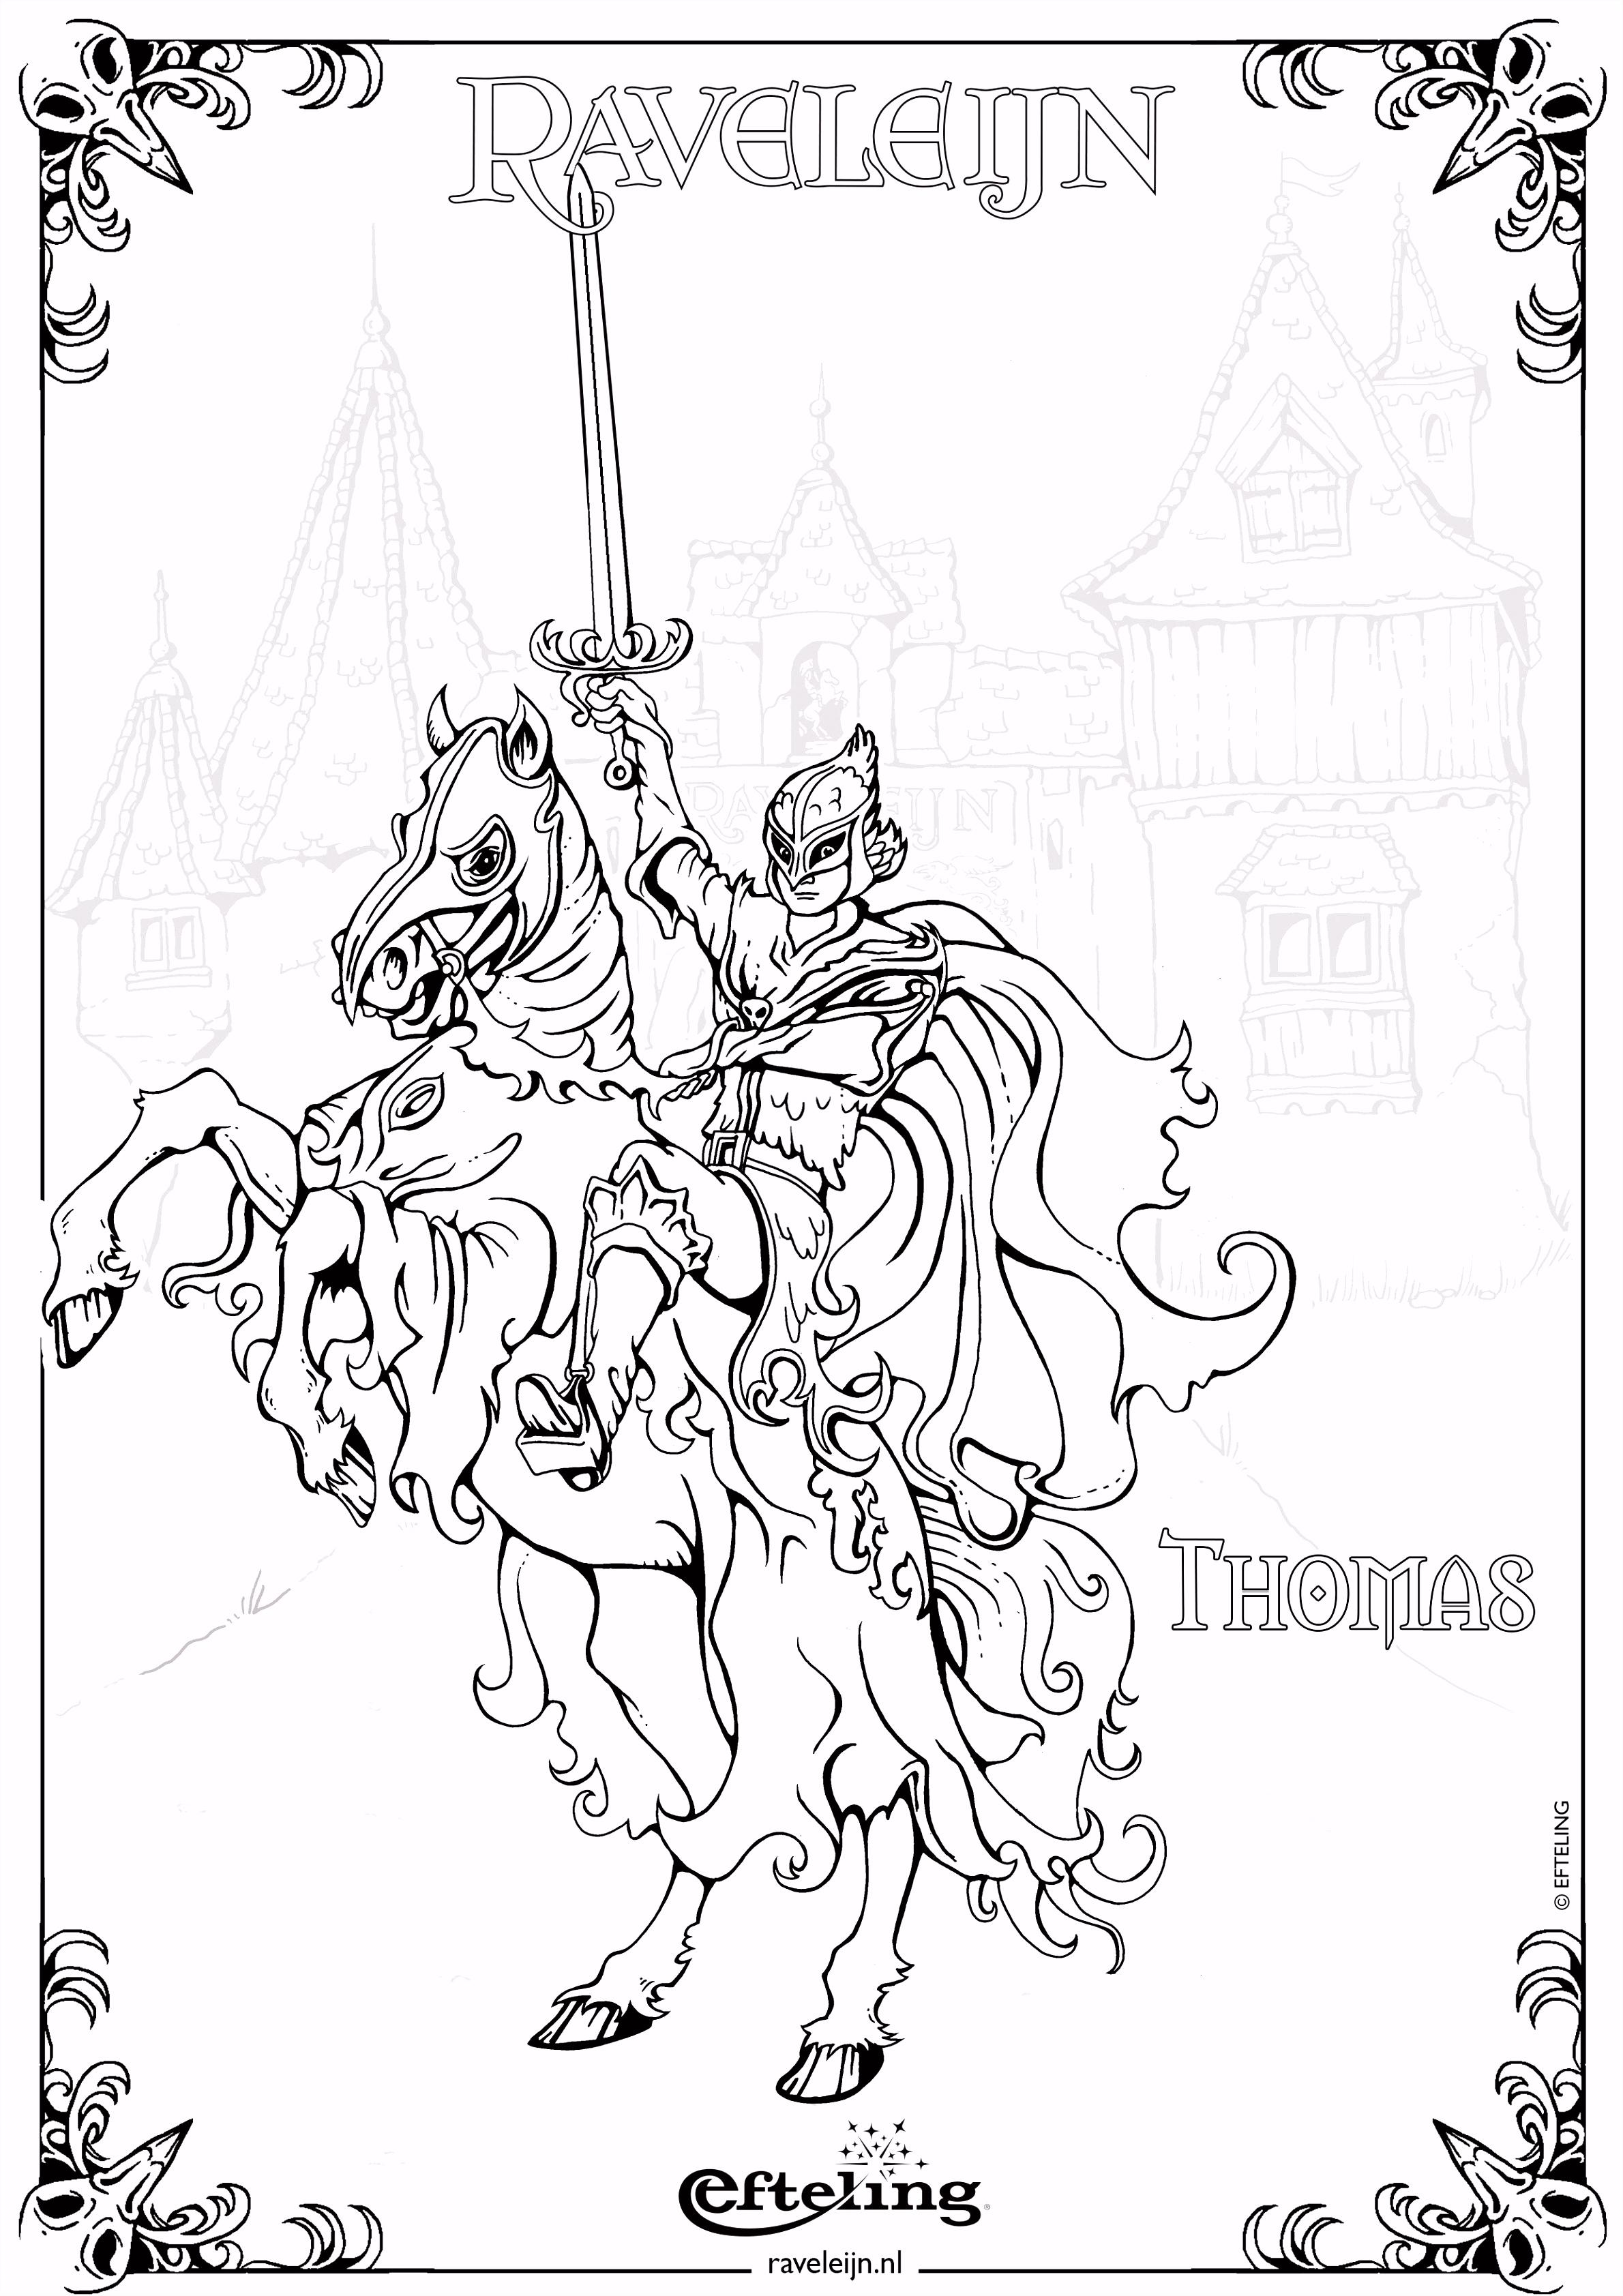 Kleurplaten De Wolf En De 7 Geitjes Raveleijn Kleurplaat Thomas Coloring Pinterest M4eg51crc1 U4vu5ujqw6